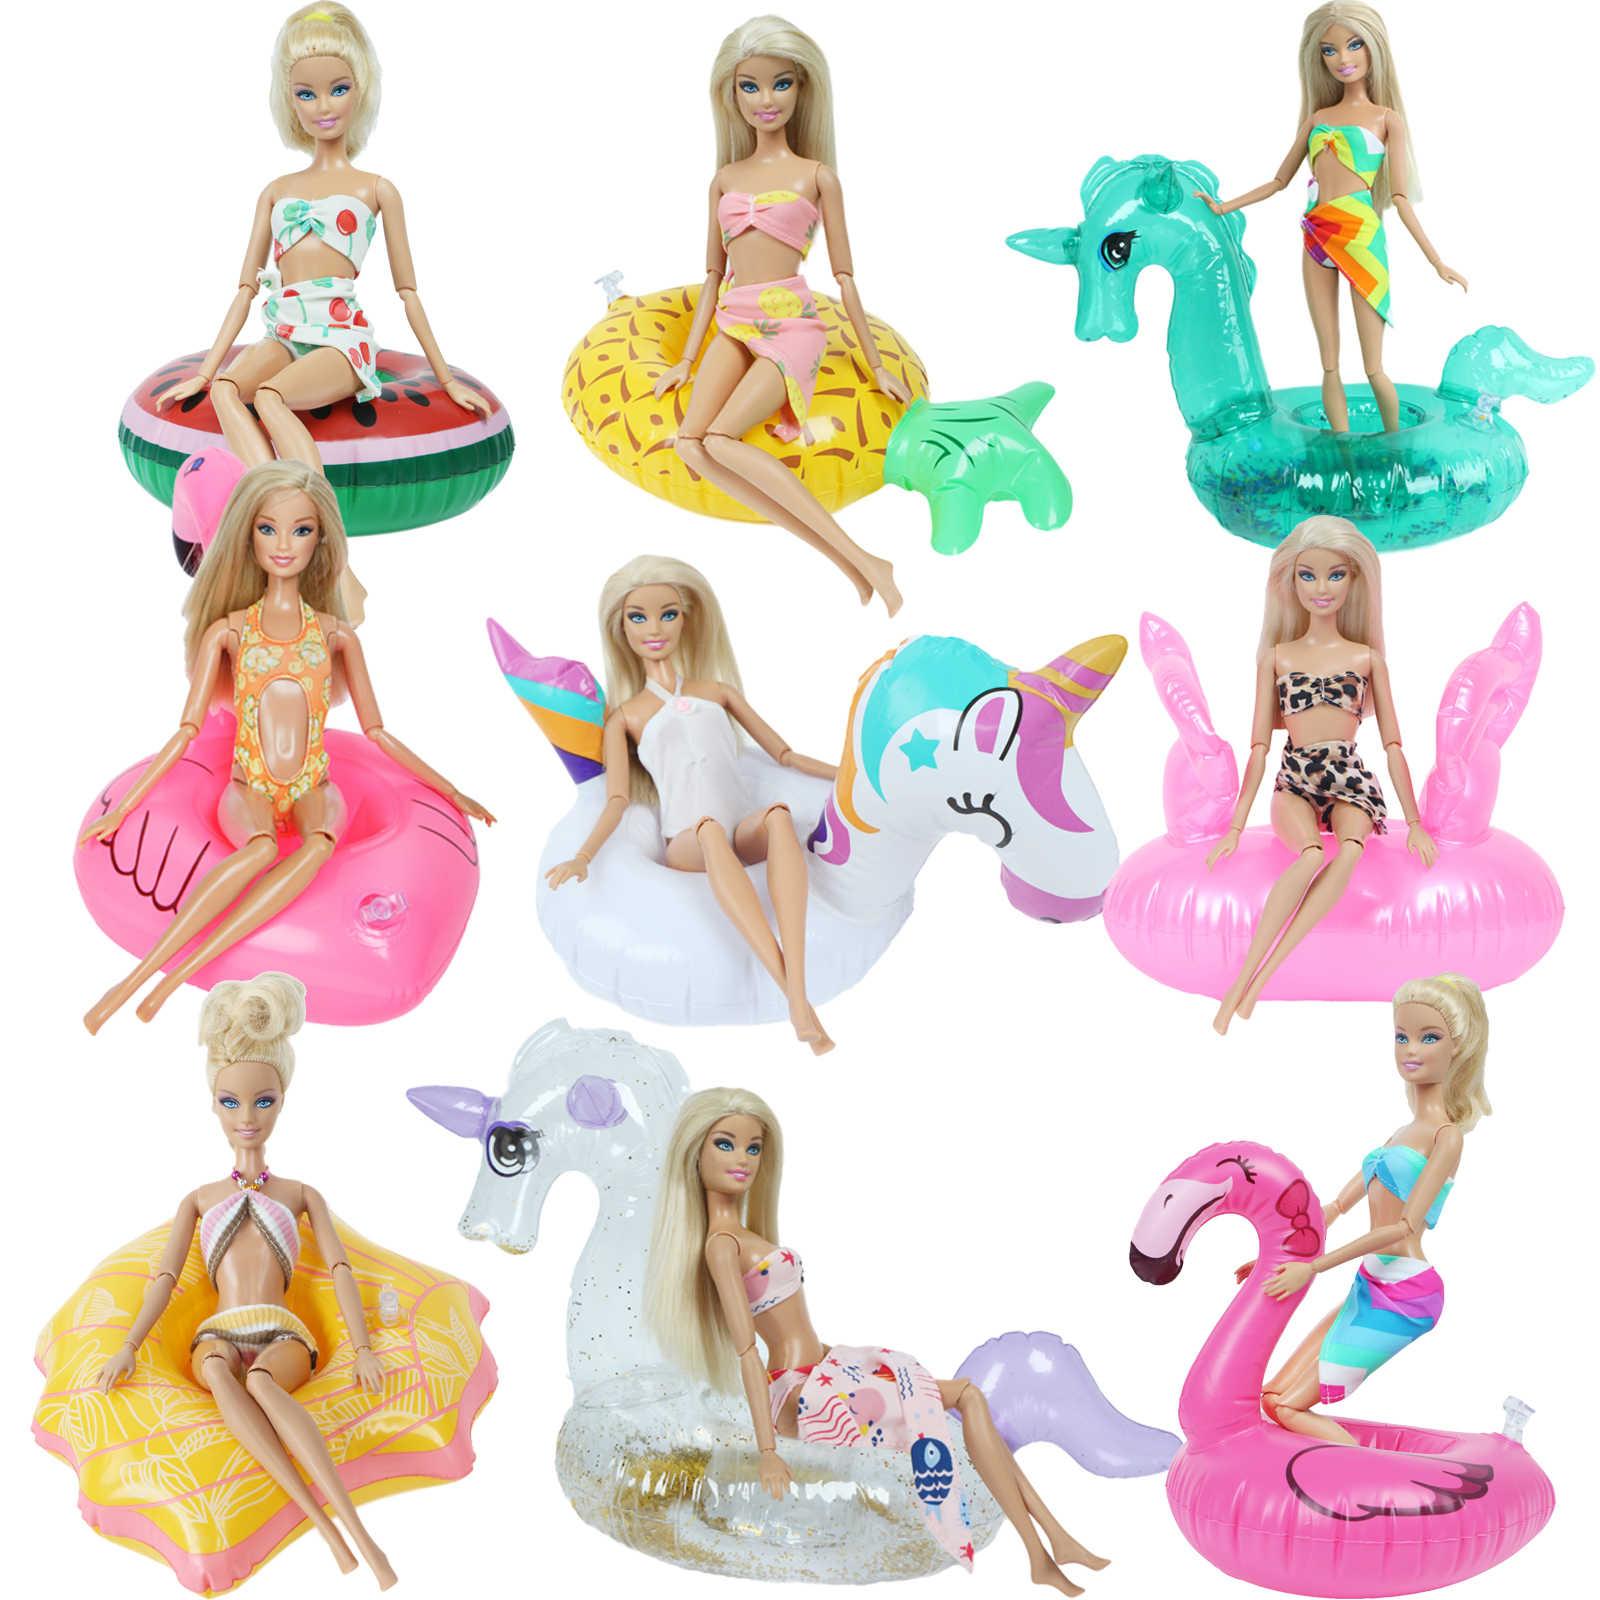 แฟชั่นHandmadeชุดว่ายน้ำBeach Pool Partyบิกินี่Topsกางเกงชุดว่ายน้ำ + น่ารักแหวนว่ายน้ำเสื้อผ้าสำหรับตุ๊กตาบาร์บี้ตุ๊กตาอุปกรณ์เสริม